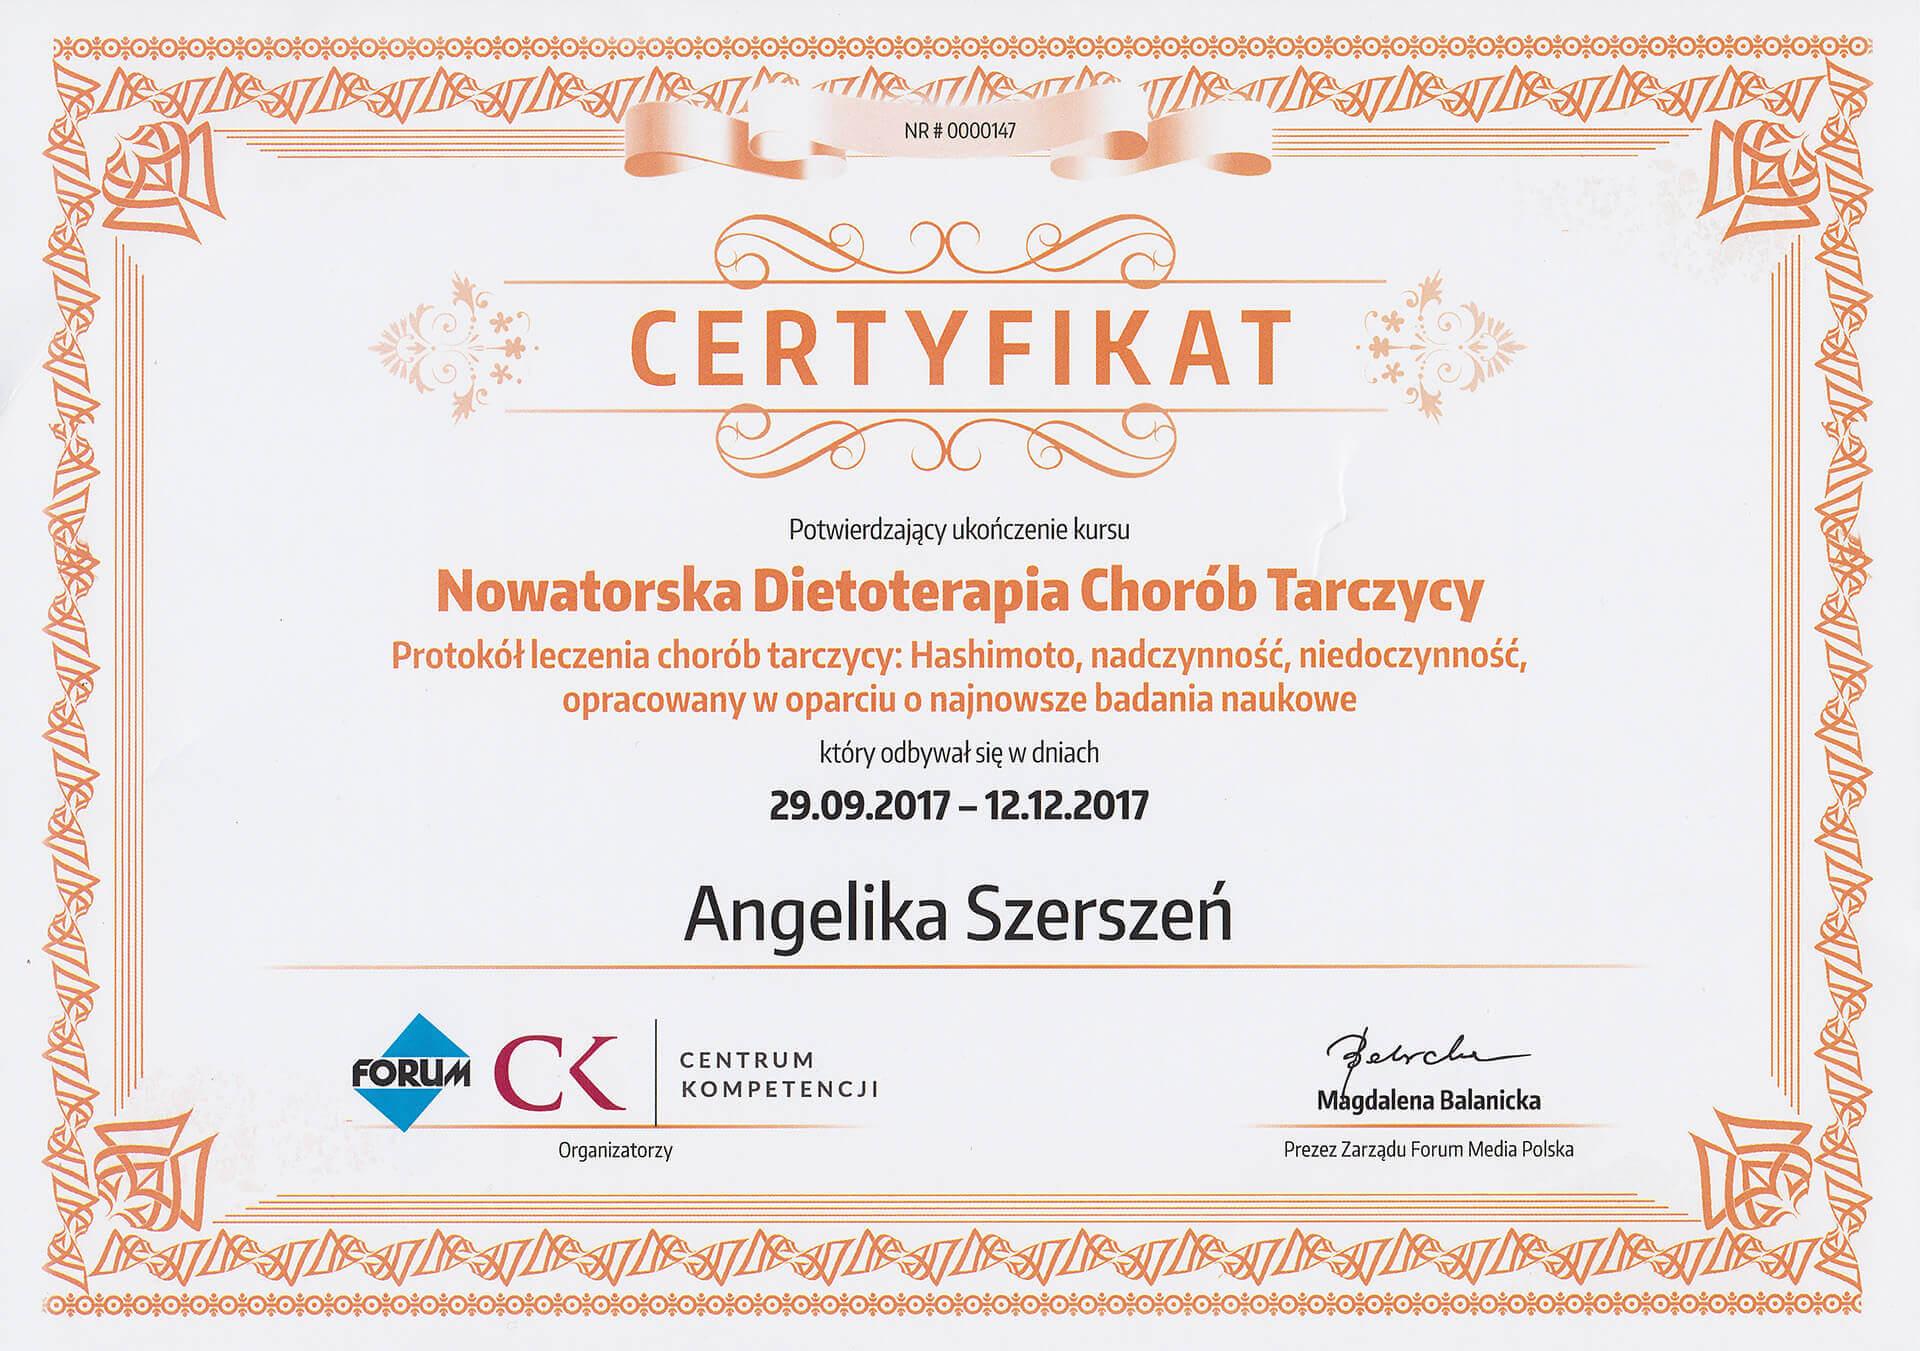 Certyfikat ukończenia kursu nowatorskiej dietoterapi chorób tarczycy